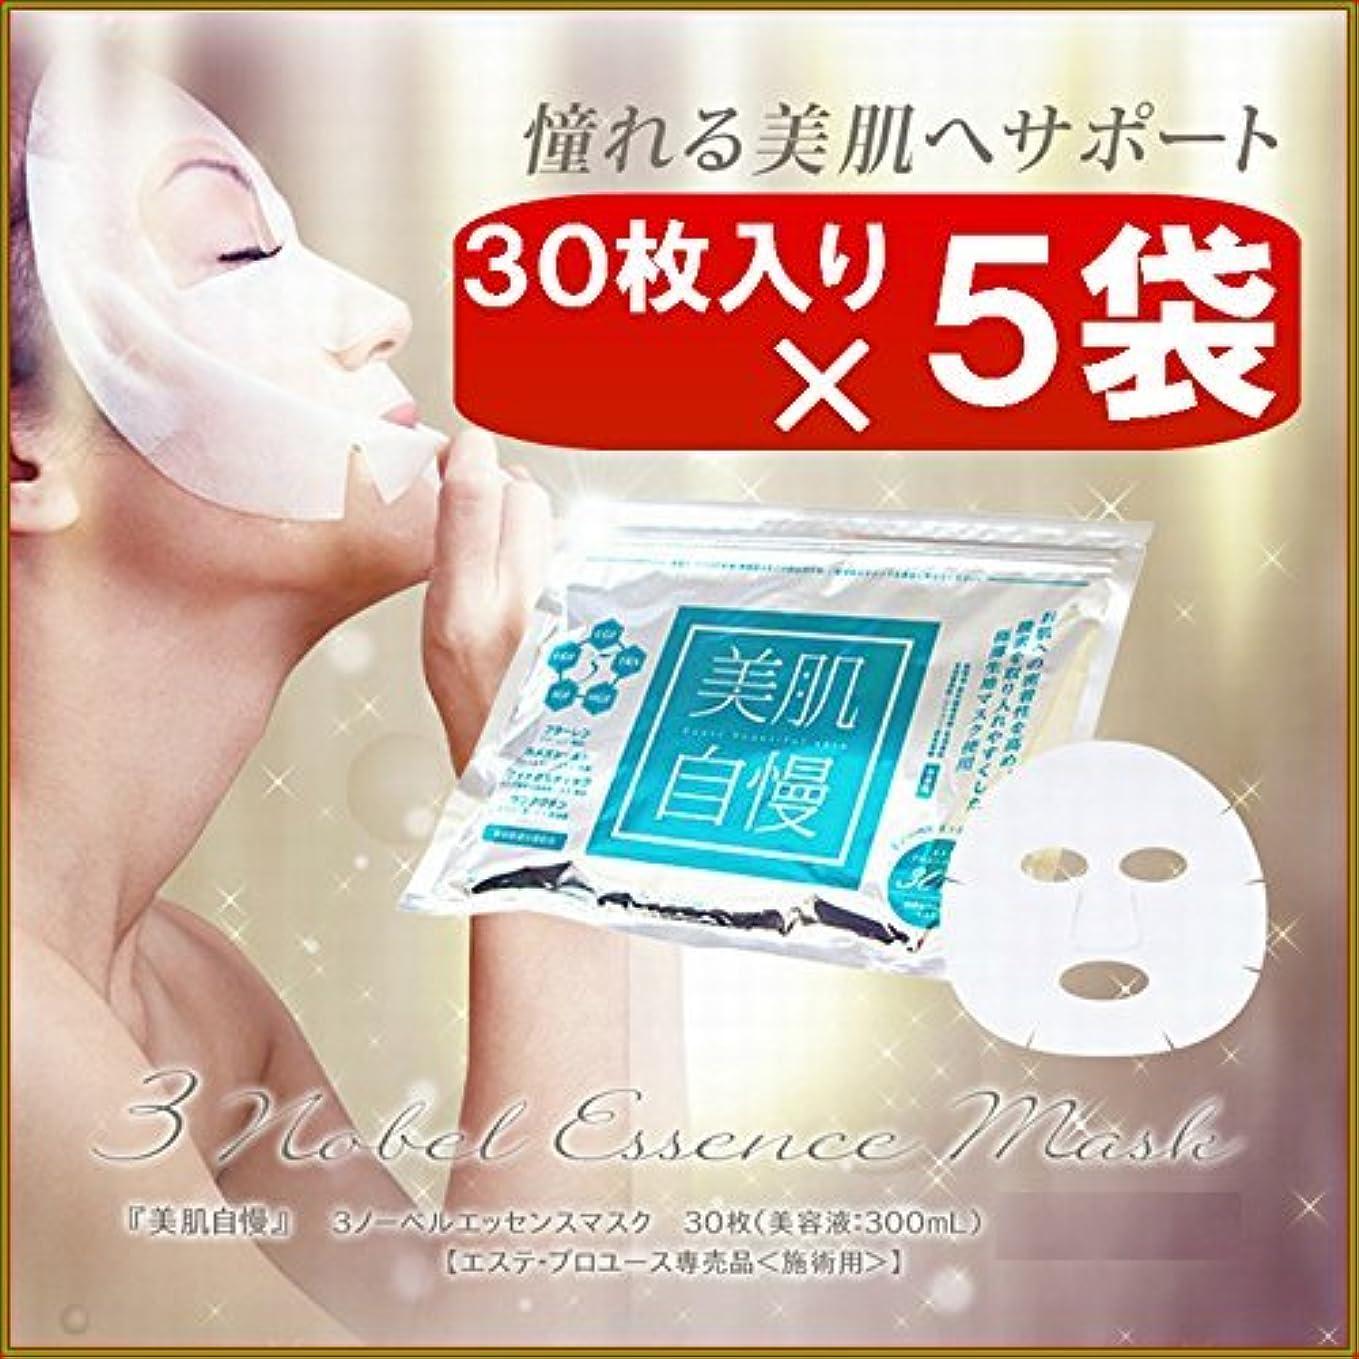 美肌自慢フェイスマスク 30枚入り ×超お得5袋セット 《エッセンスマスク、EGF、IGF、ヒアルロン酸、プラセンタ、アルブチン、カタツムリエキス、しみ、しわ》